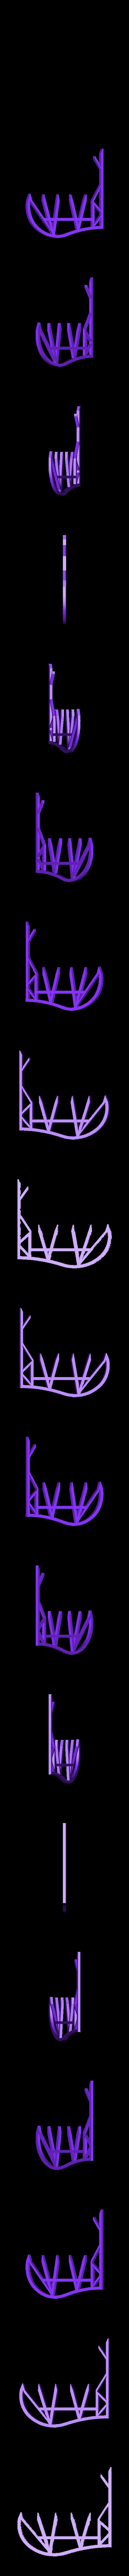 wing.stl Télécharger fichier STL gratuit Planeur Da Vinci • Design pour imprimante 3D, GeneralElectric